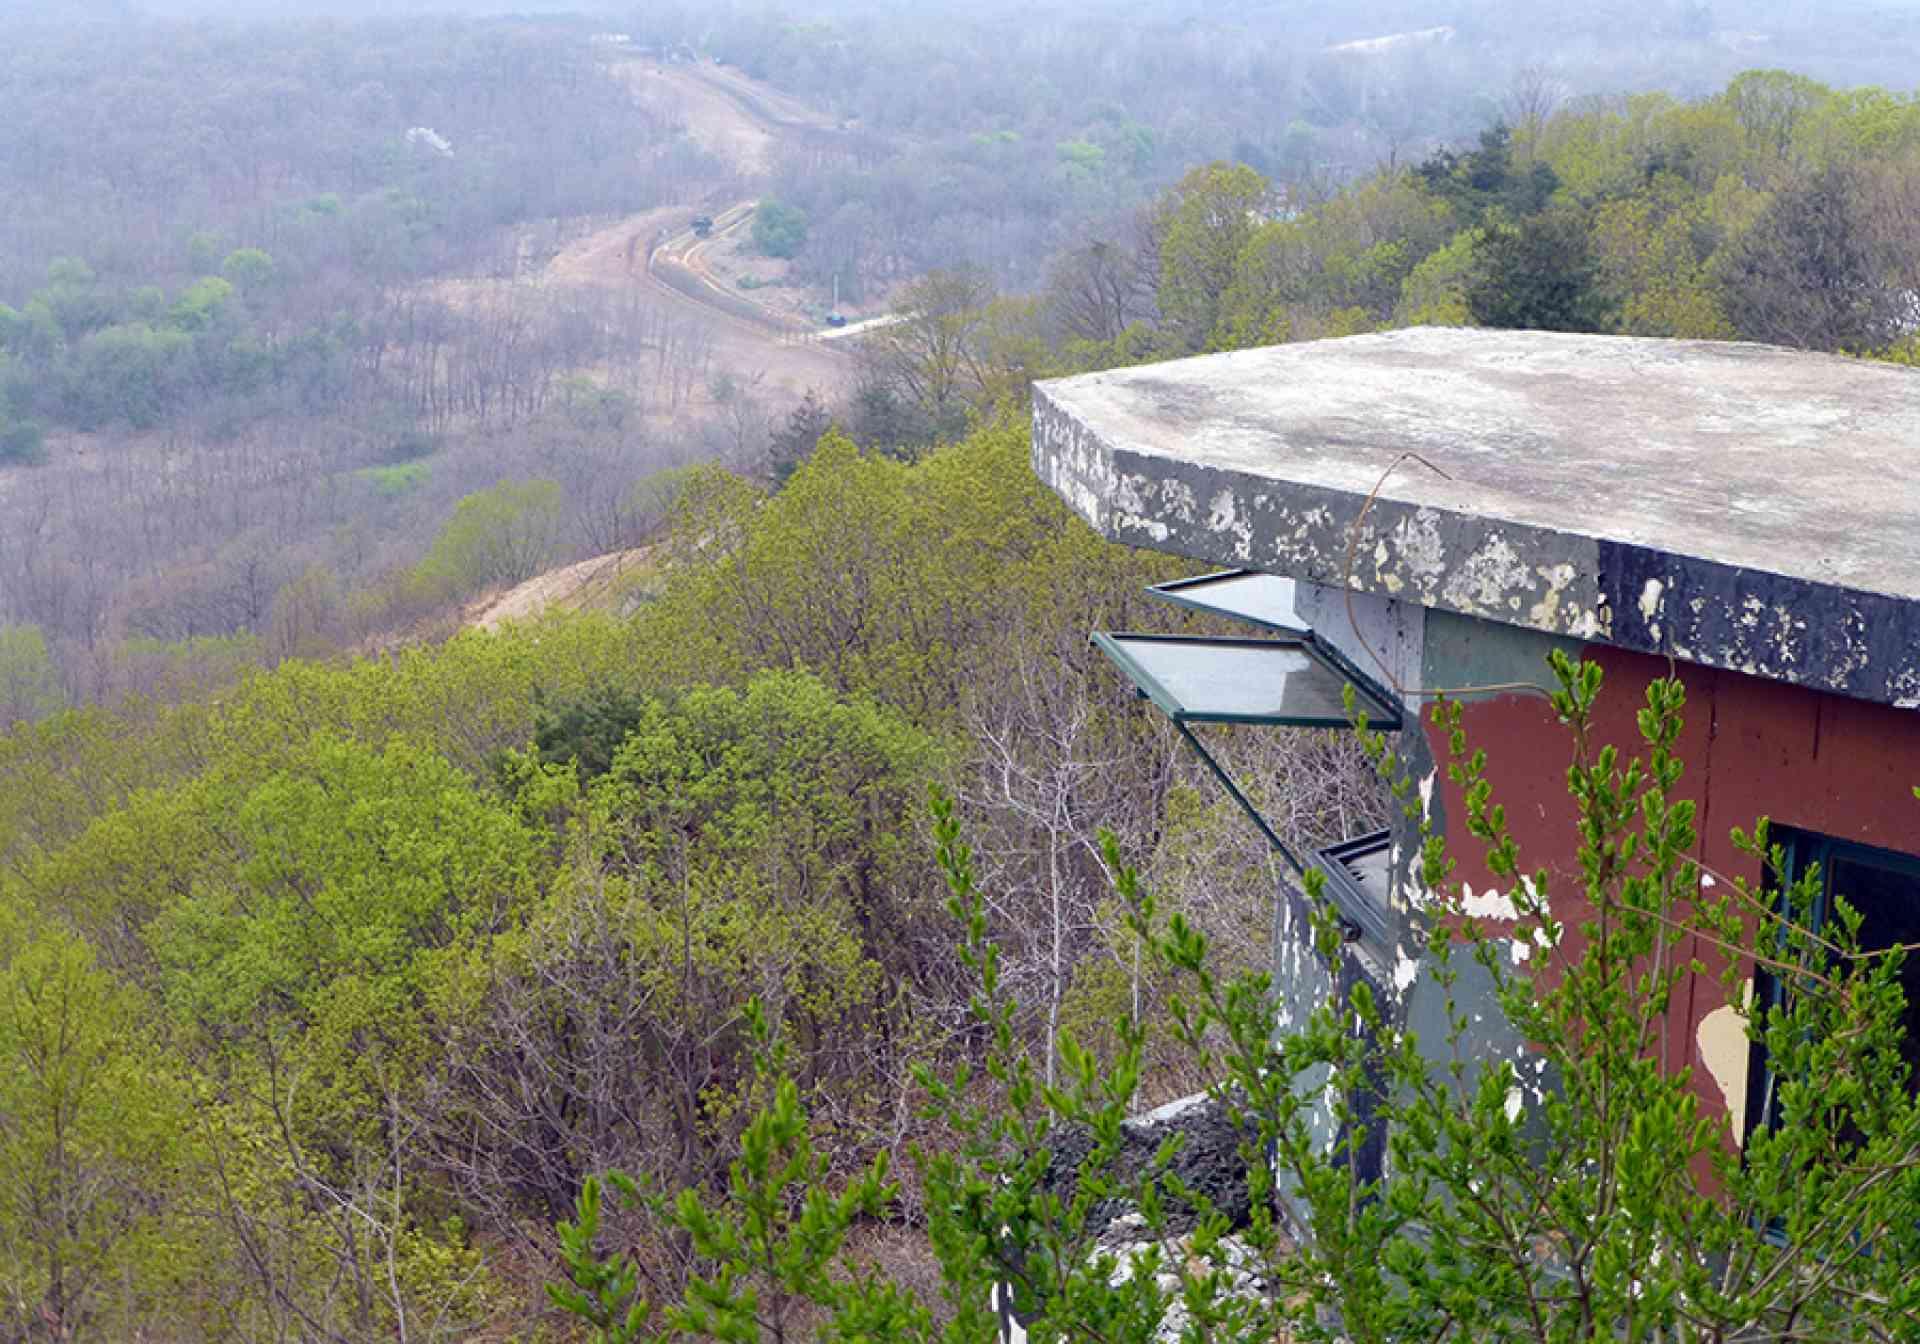 DMZ View into North Korea, South Korea